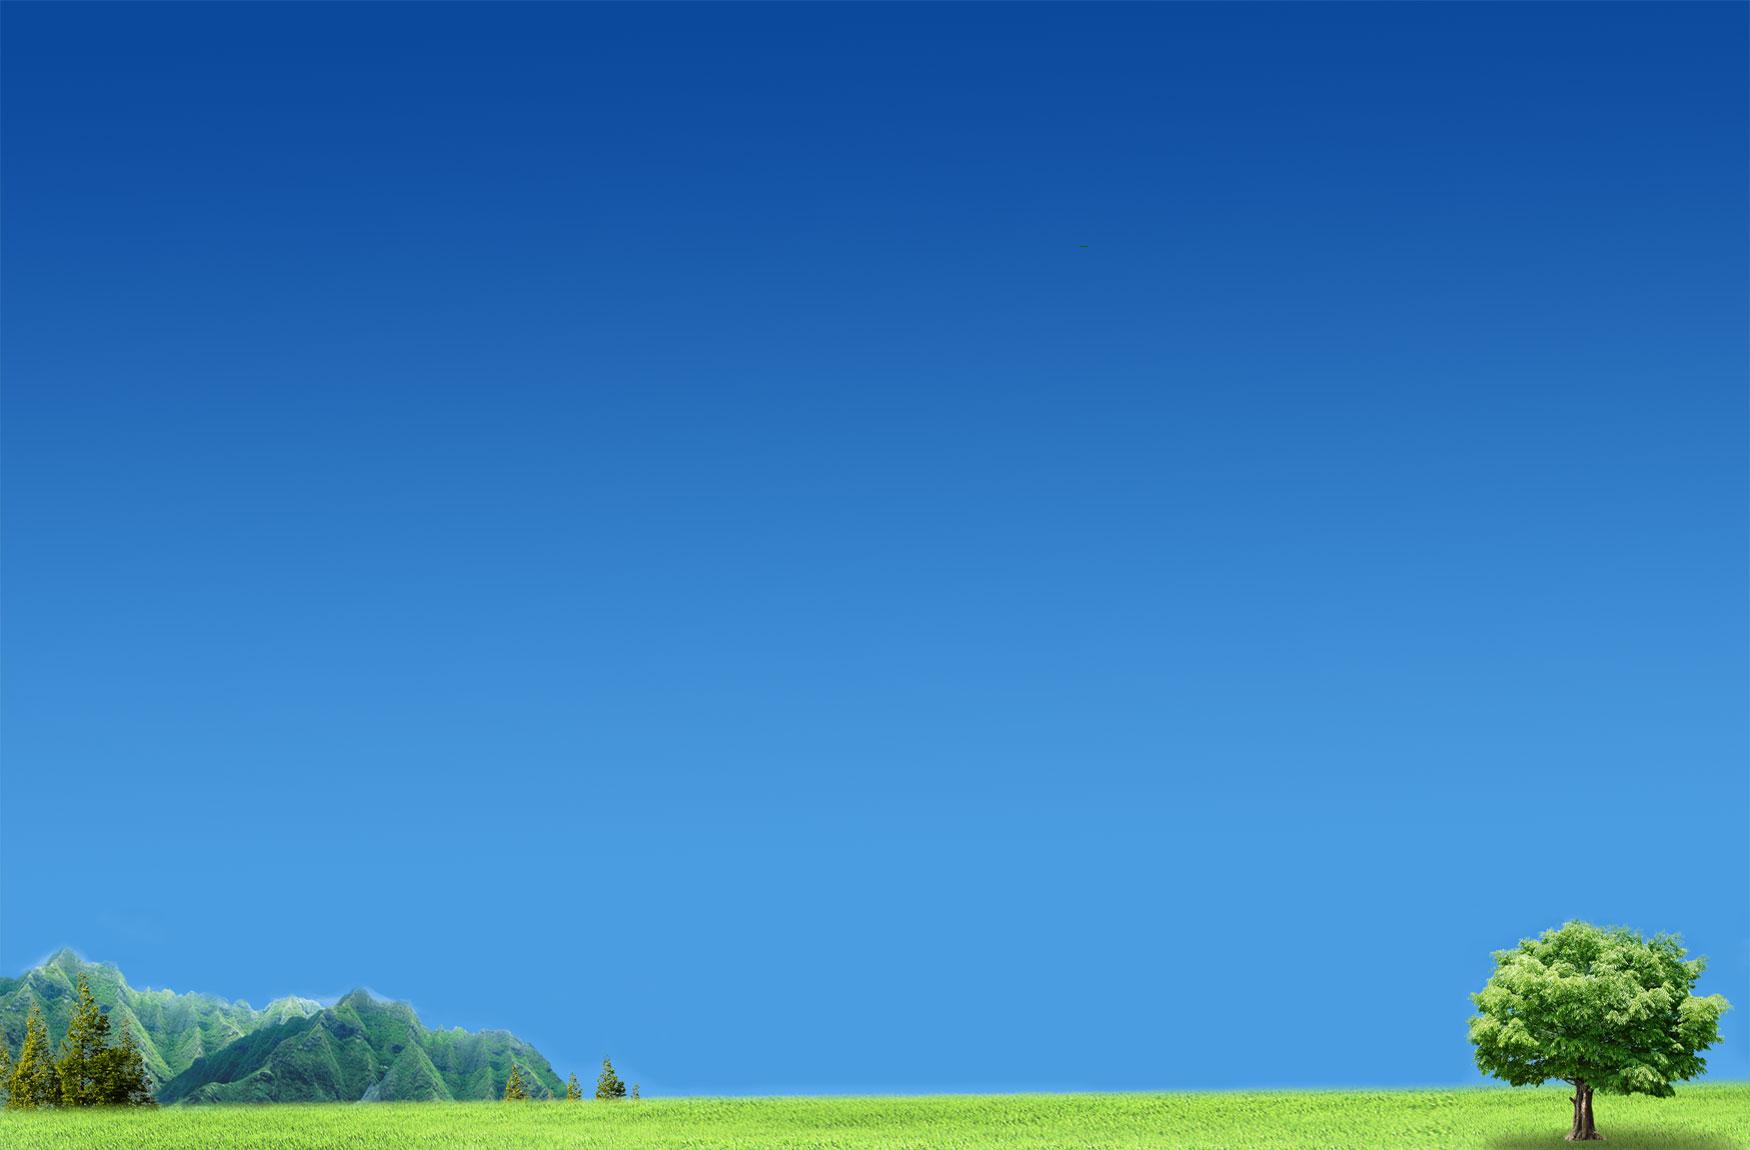 download Die Grundstrukturen einer physikalischen